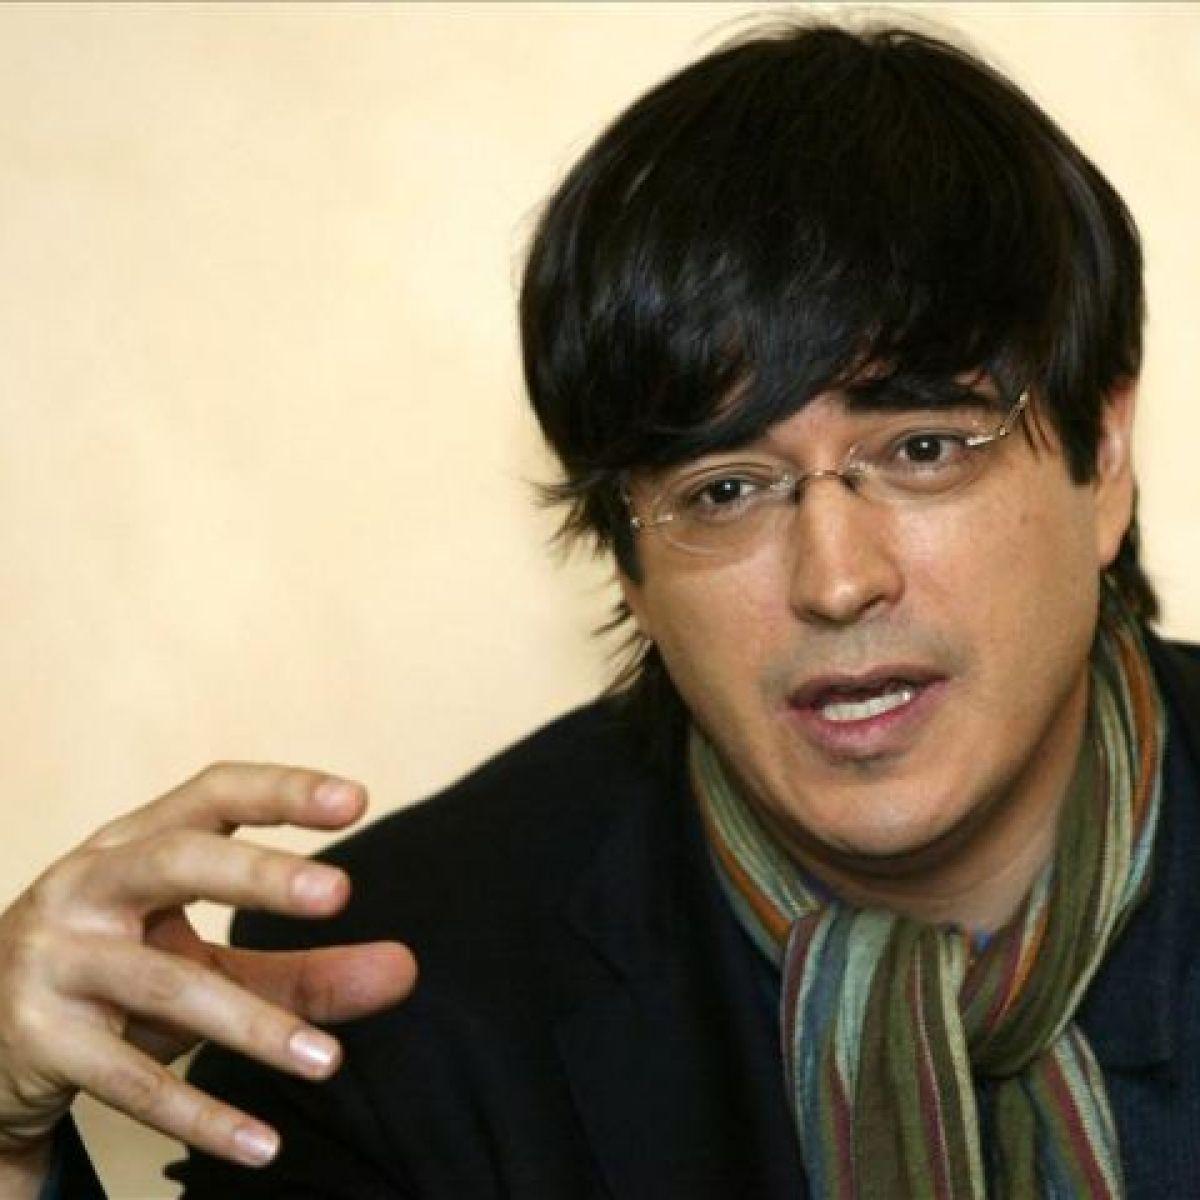 Exitoina Jaime Bayly Fue Padre Por Tercera Vez Jaime bayly letts es un escritor y presentador de televisión que ostenta doble nacionalidad, la peruana y la estadounidense. exitoina perfil